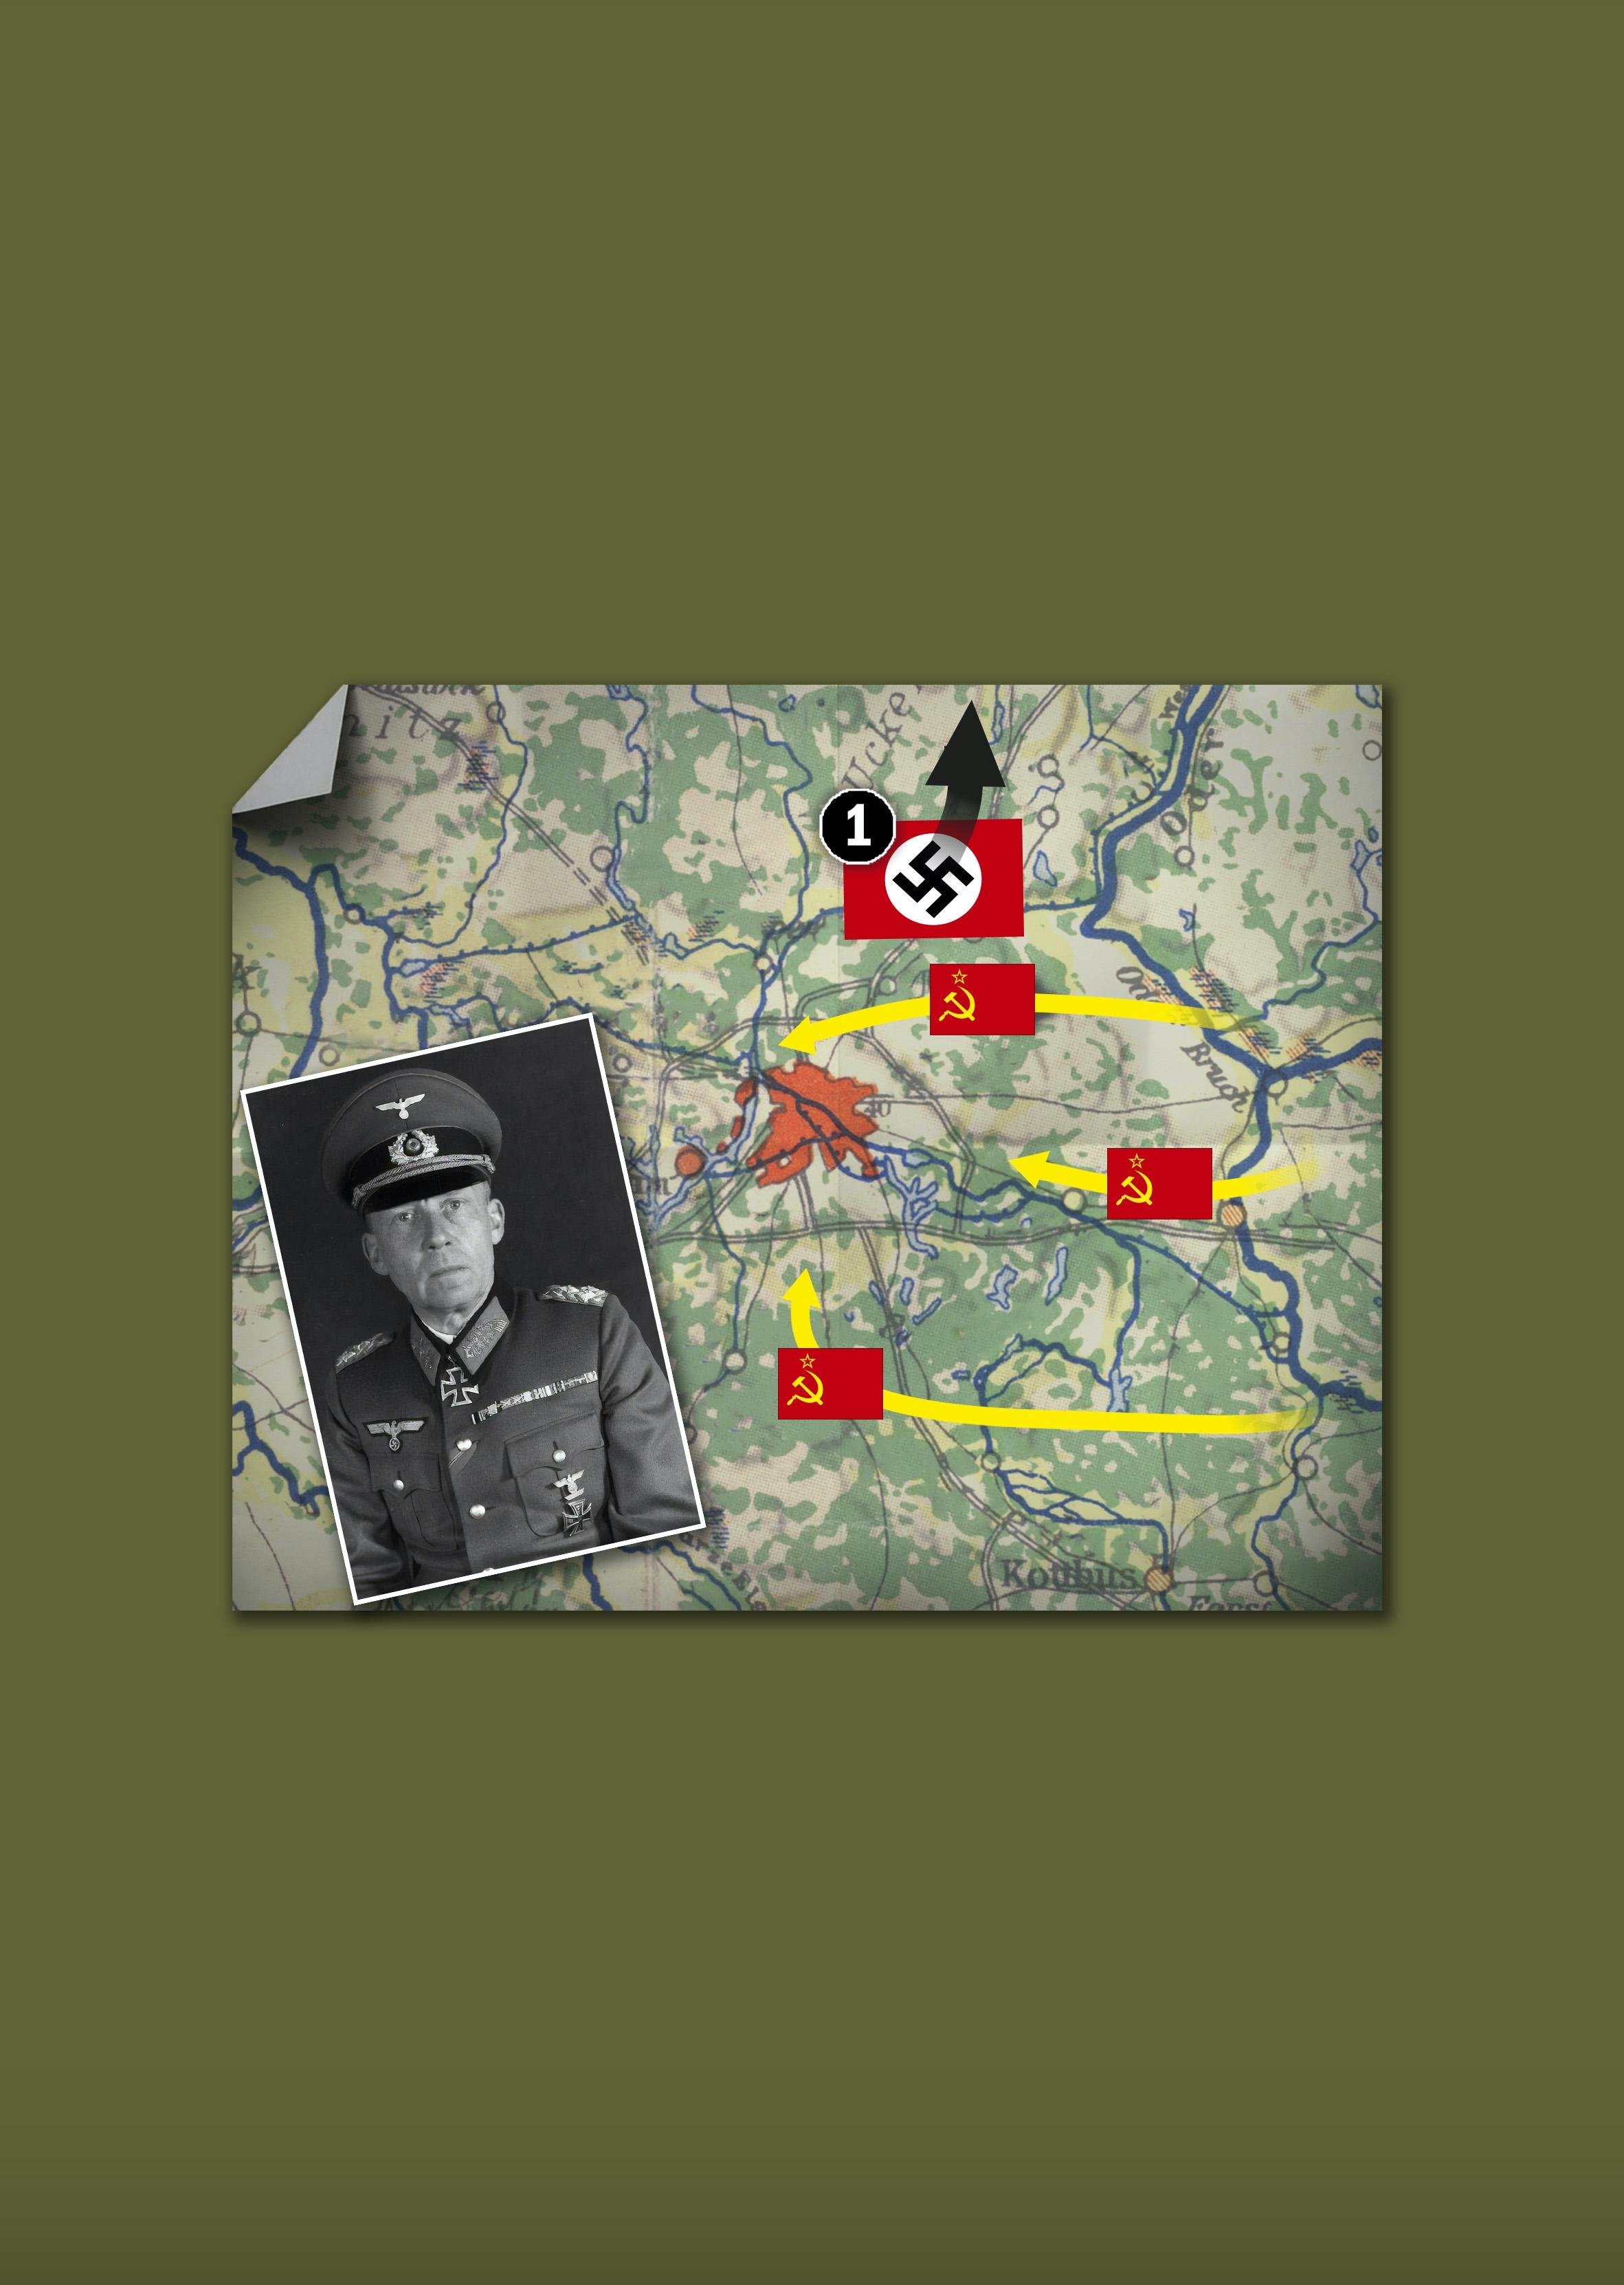 Rasende Adolf Hitler erklærer krigen for tapt | historienet.no